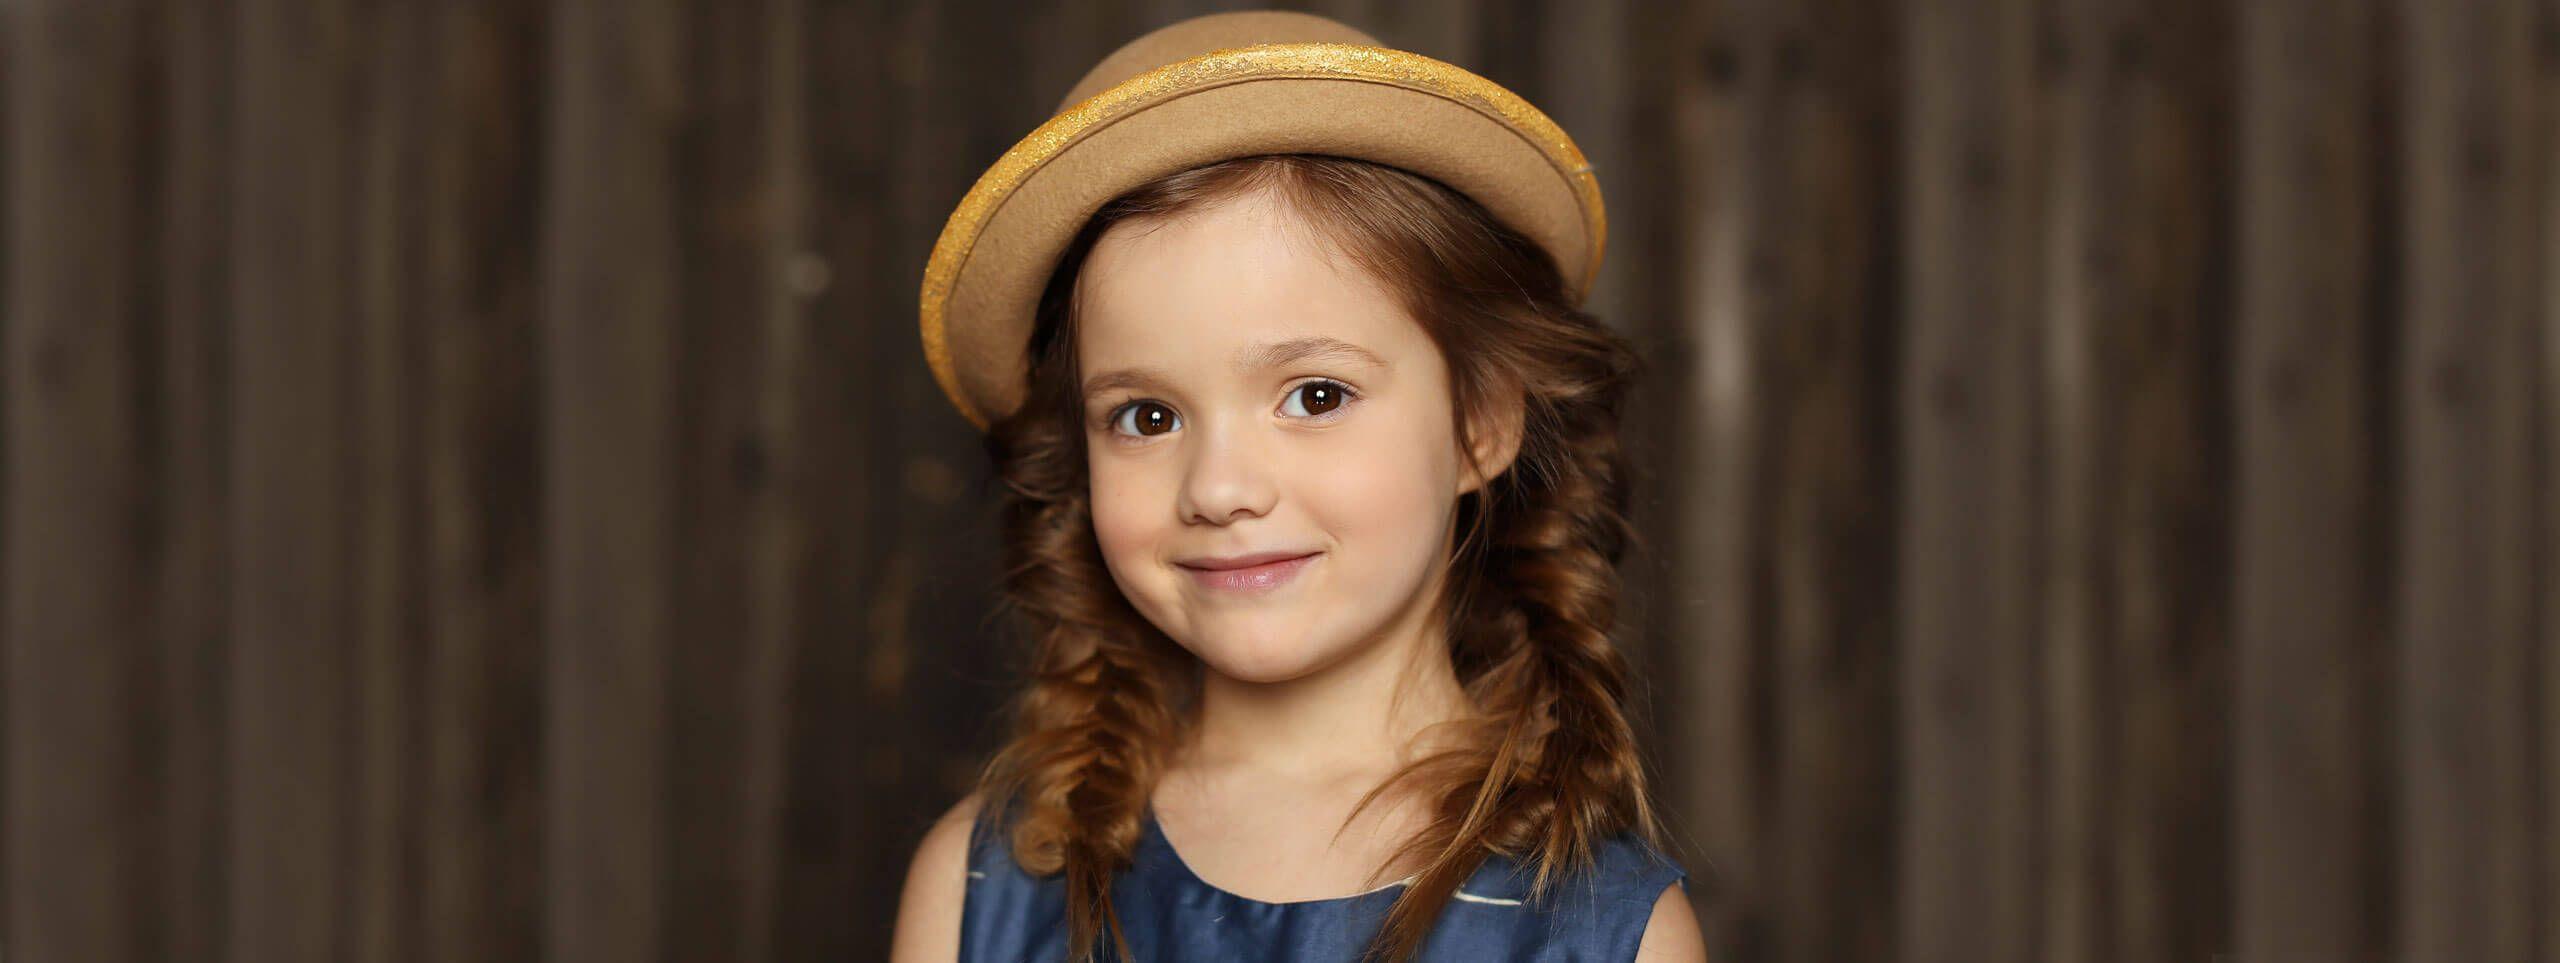 Dziewczynka w kapeluszu i z warkoczmi